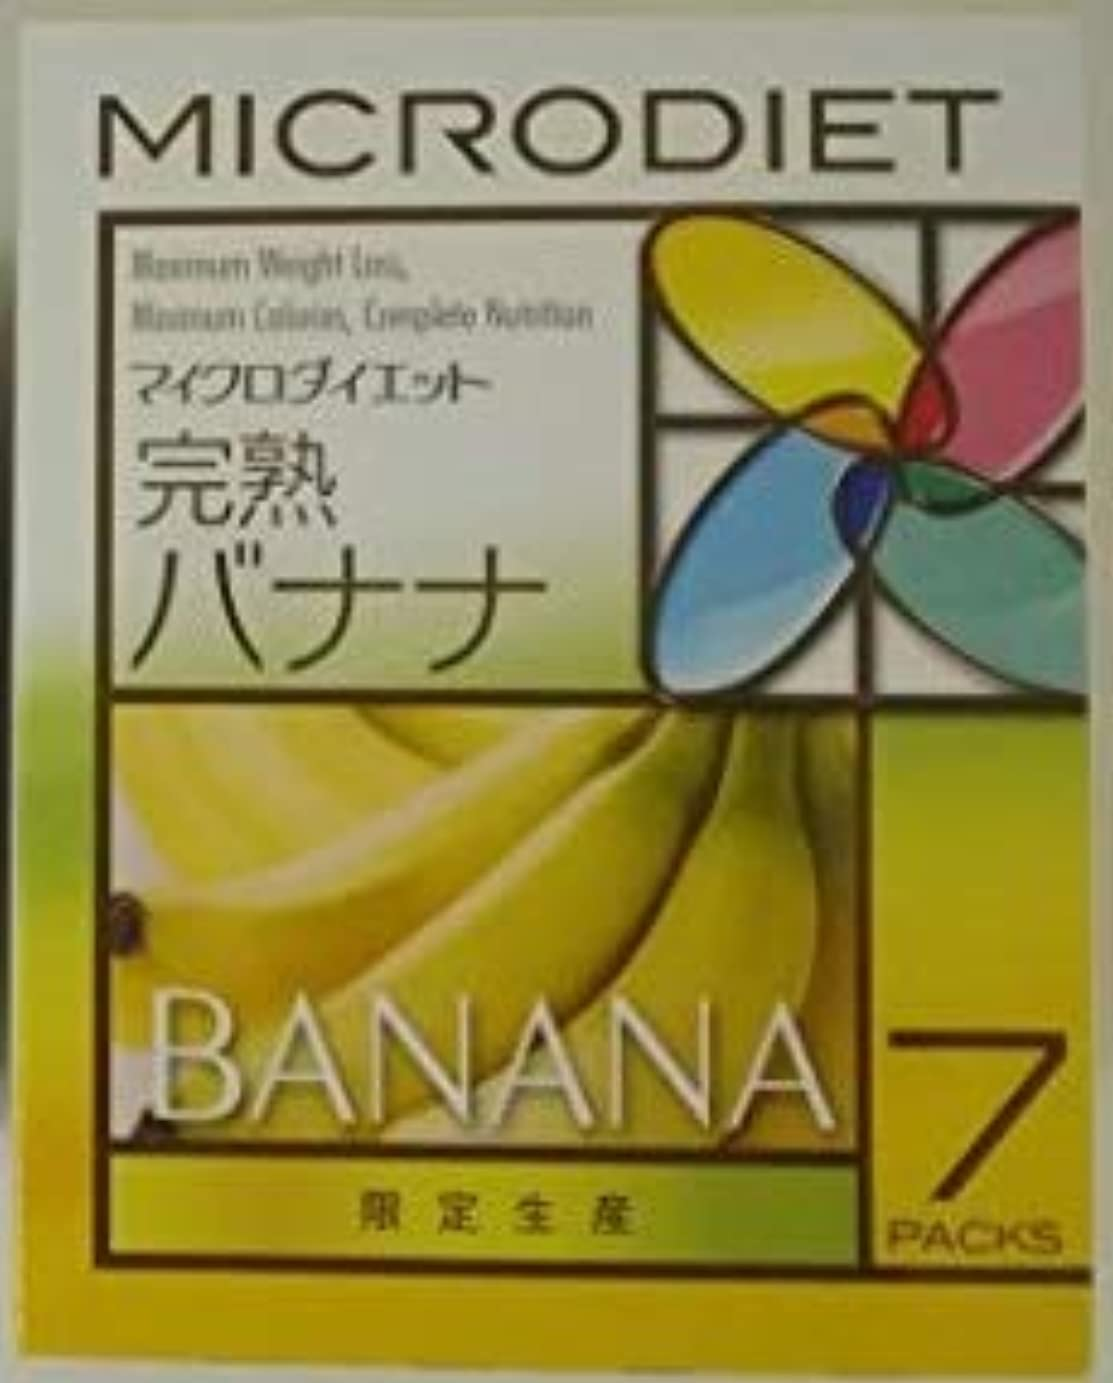 気楽な緑リッチ限定生産 完熟バナナ 7食 マイクロダイエット